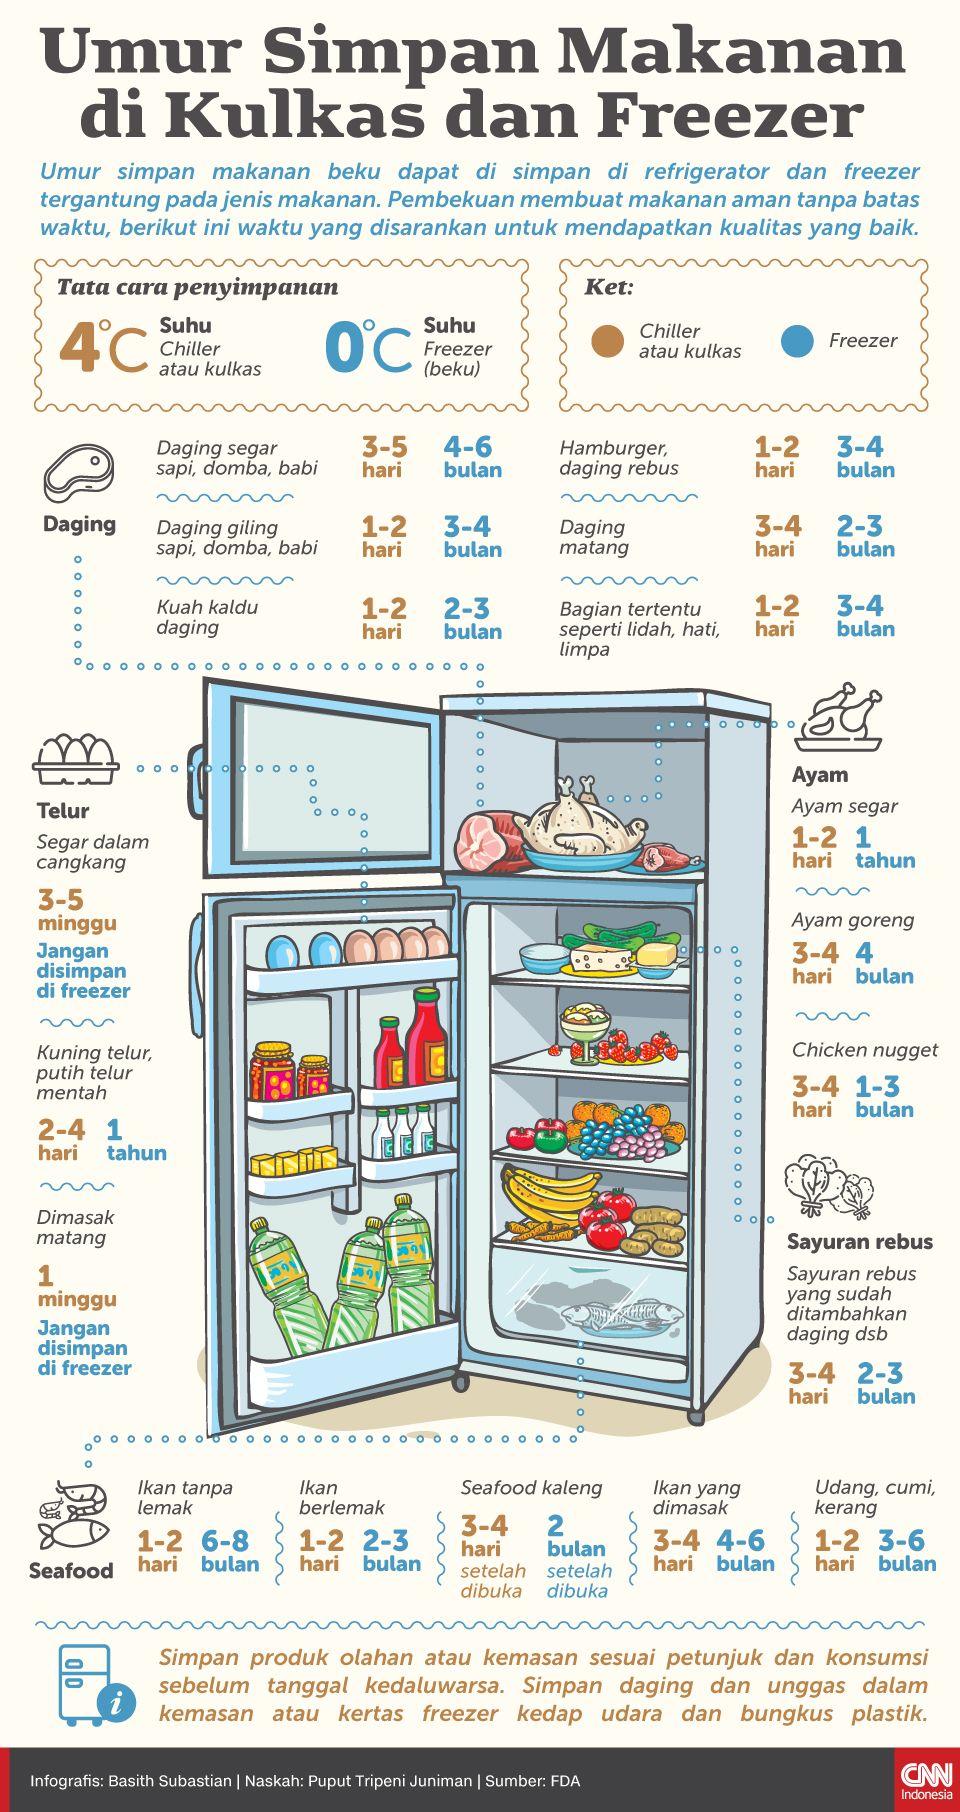 Infografis Umur Simpan Makanan di Kulkas dan Freezer